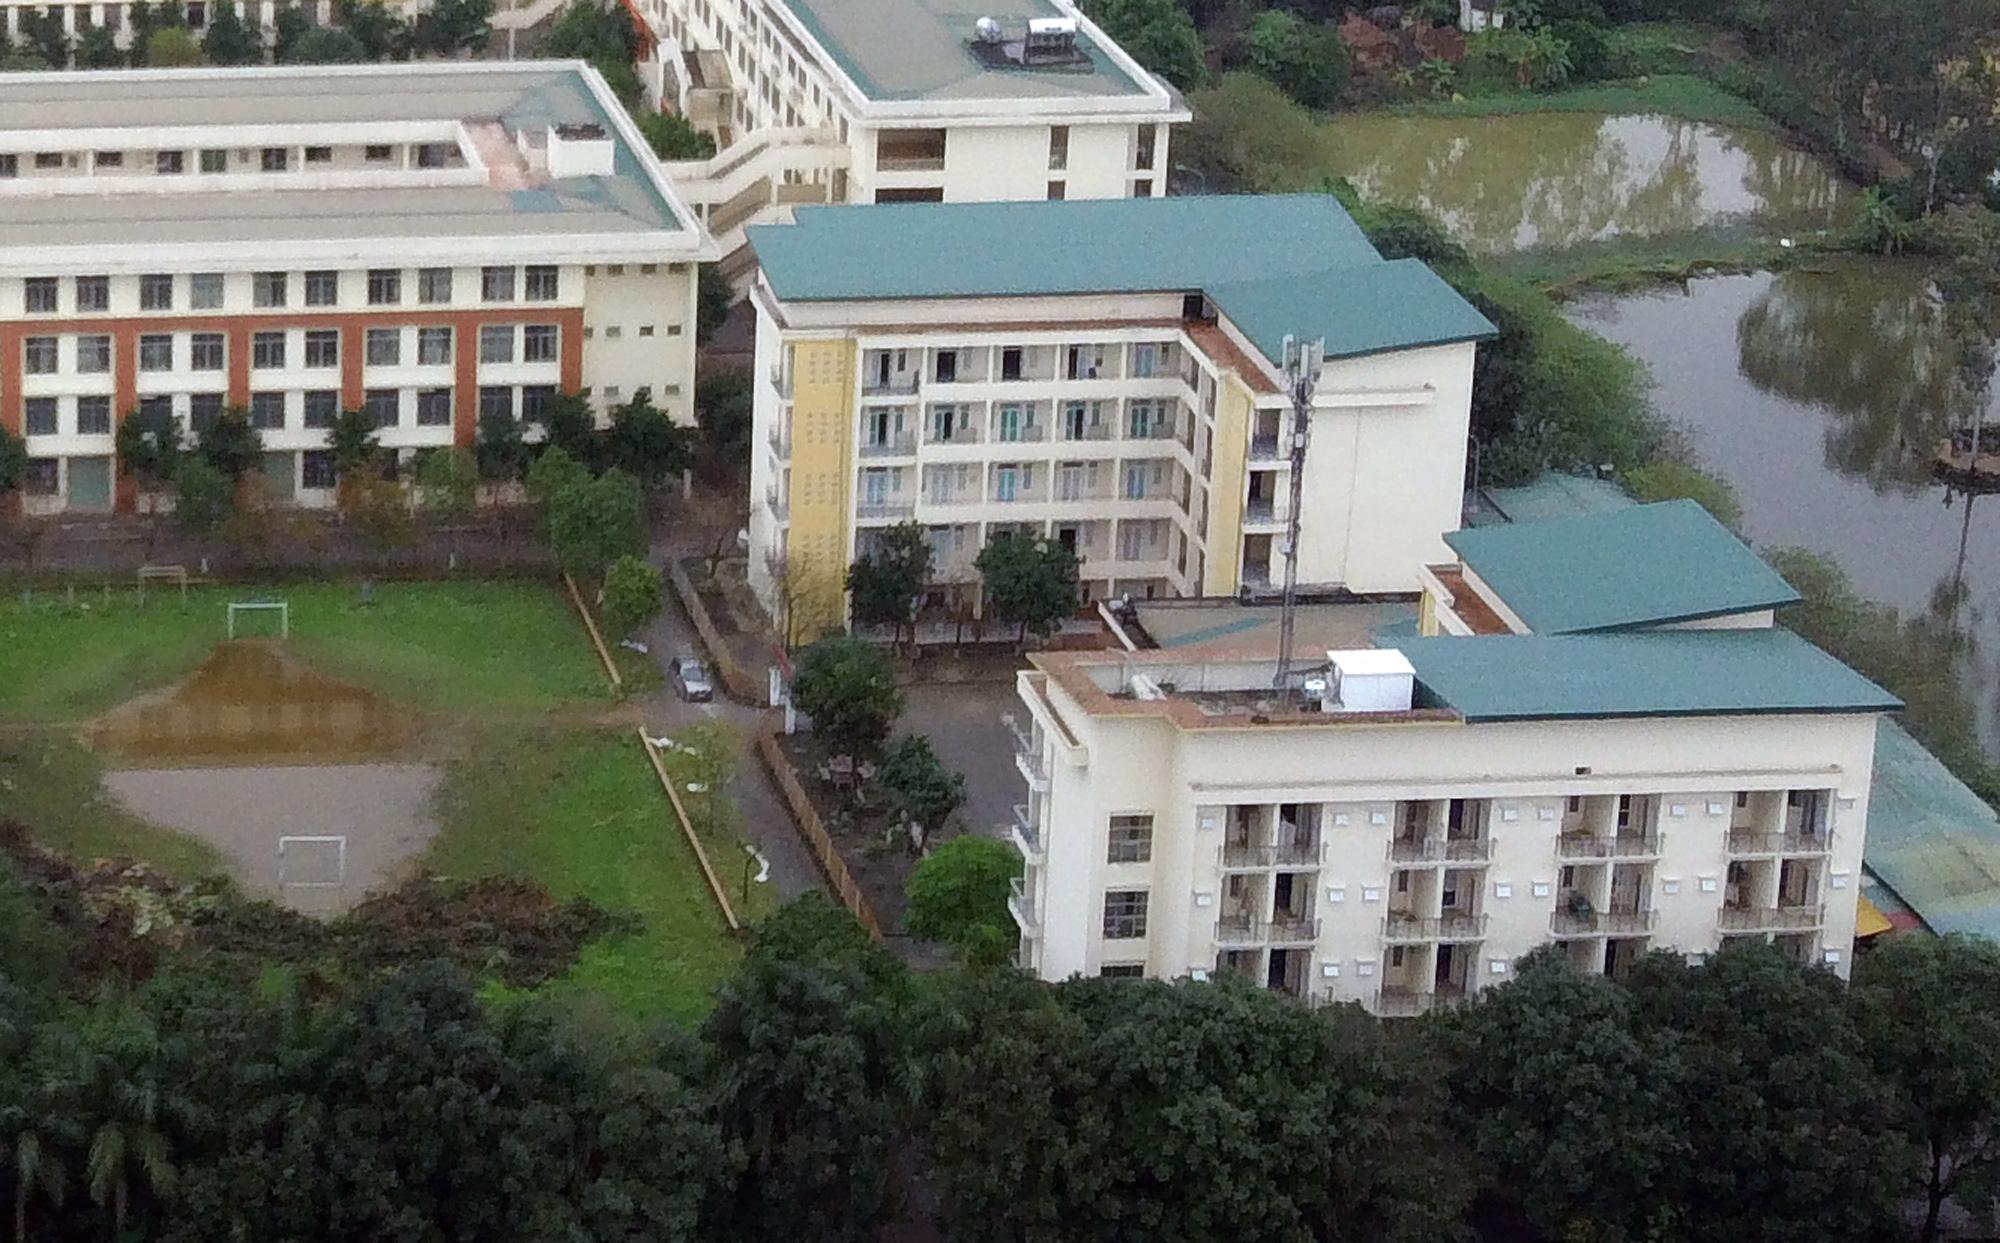 Cận cảnh khu cách li tập trung cho 800 người ở trường Cao đẳng nghề Công nghệ cao Hà Nội - Ảnh 5.